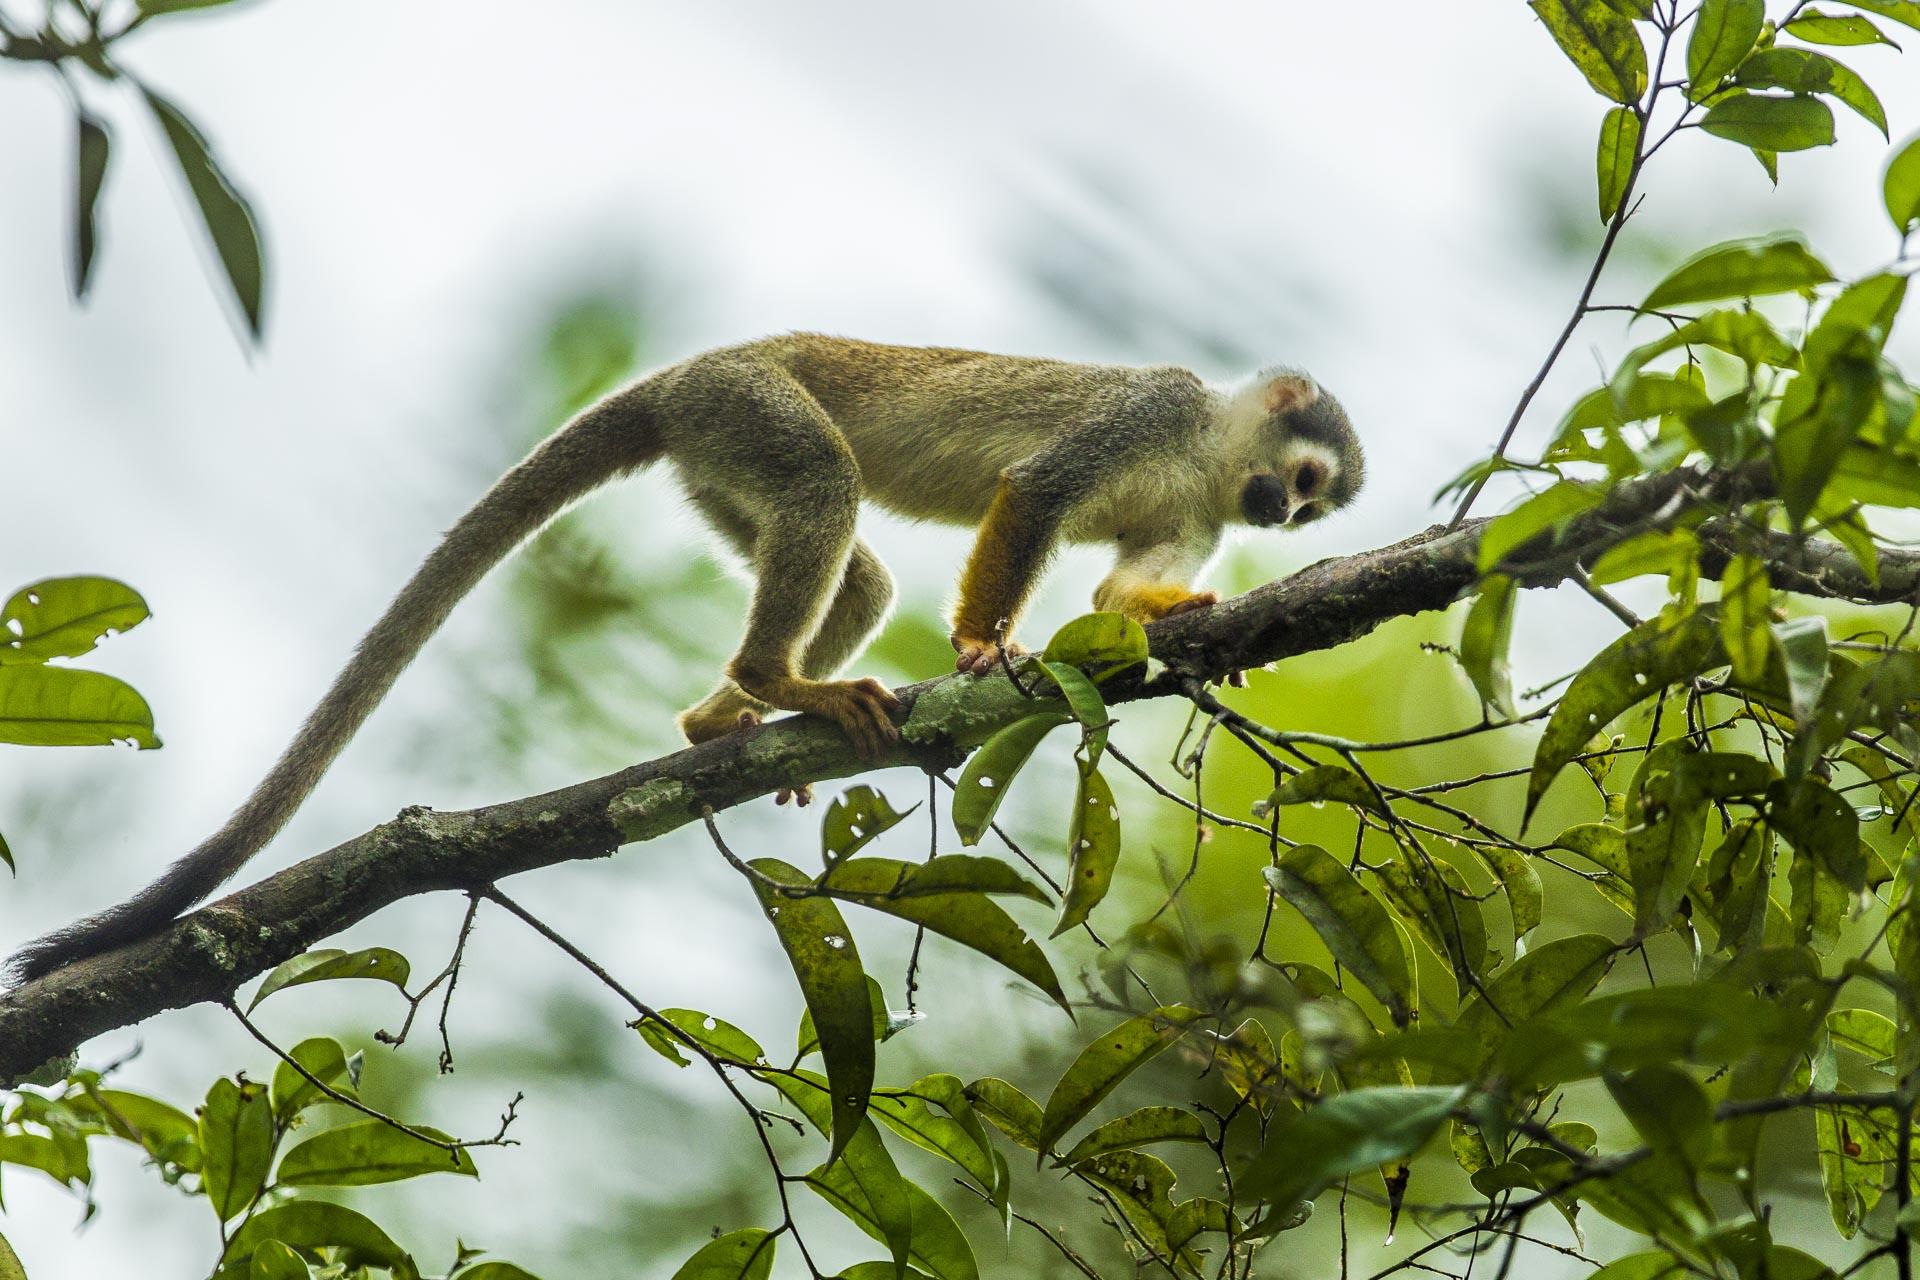 Singe écureuil - Amazonie Equateur